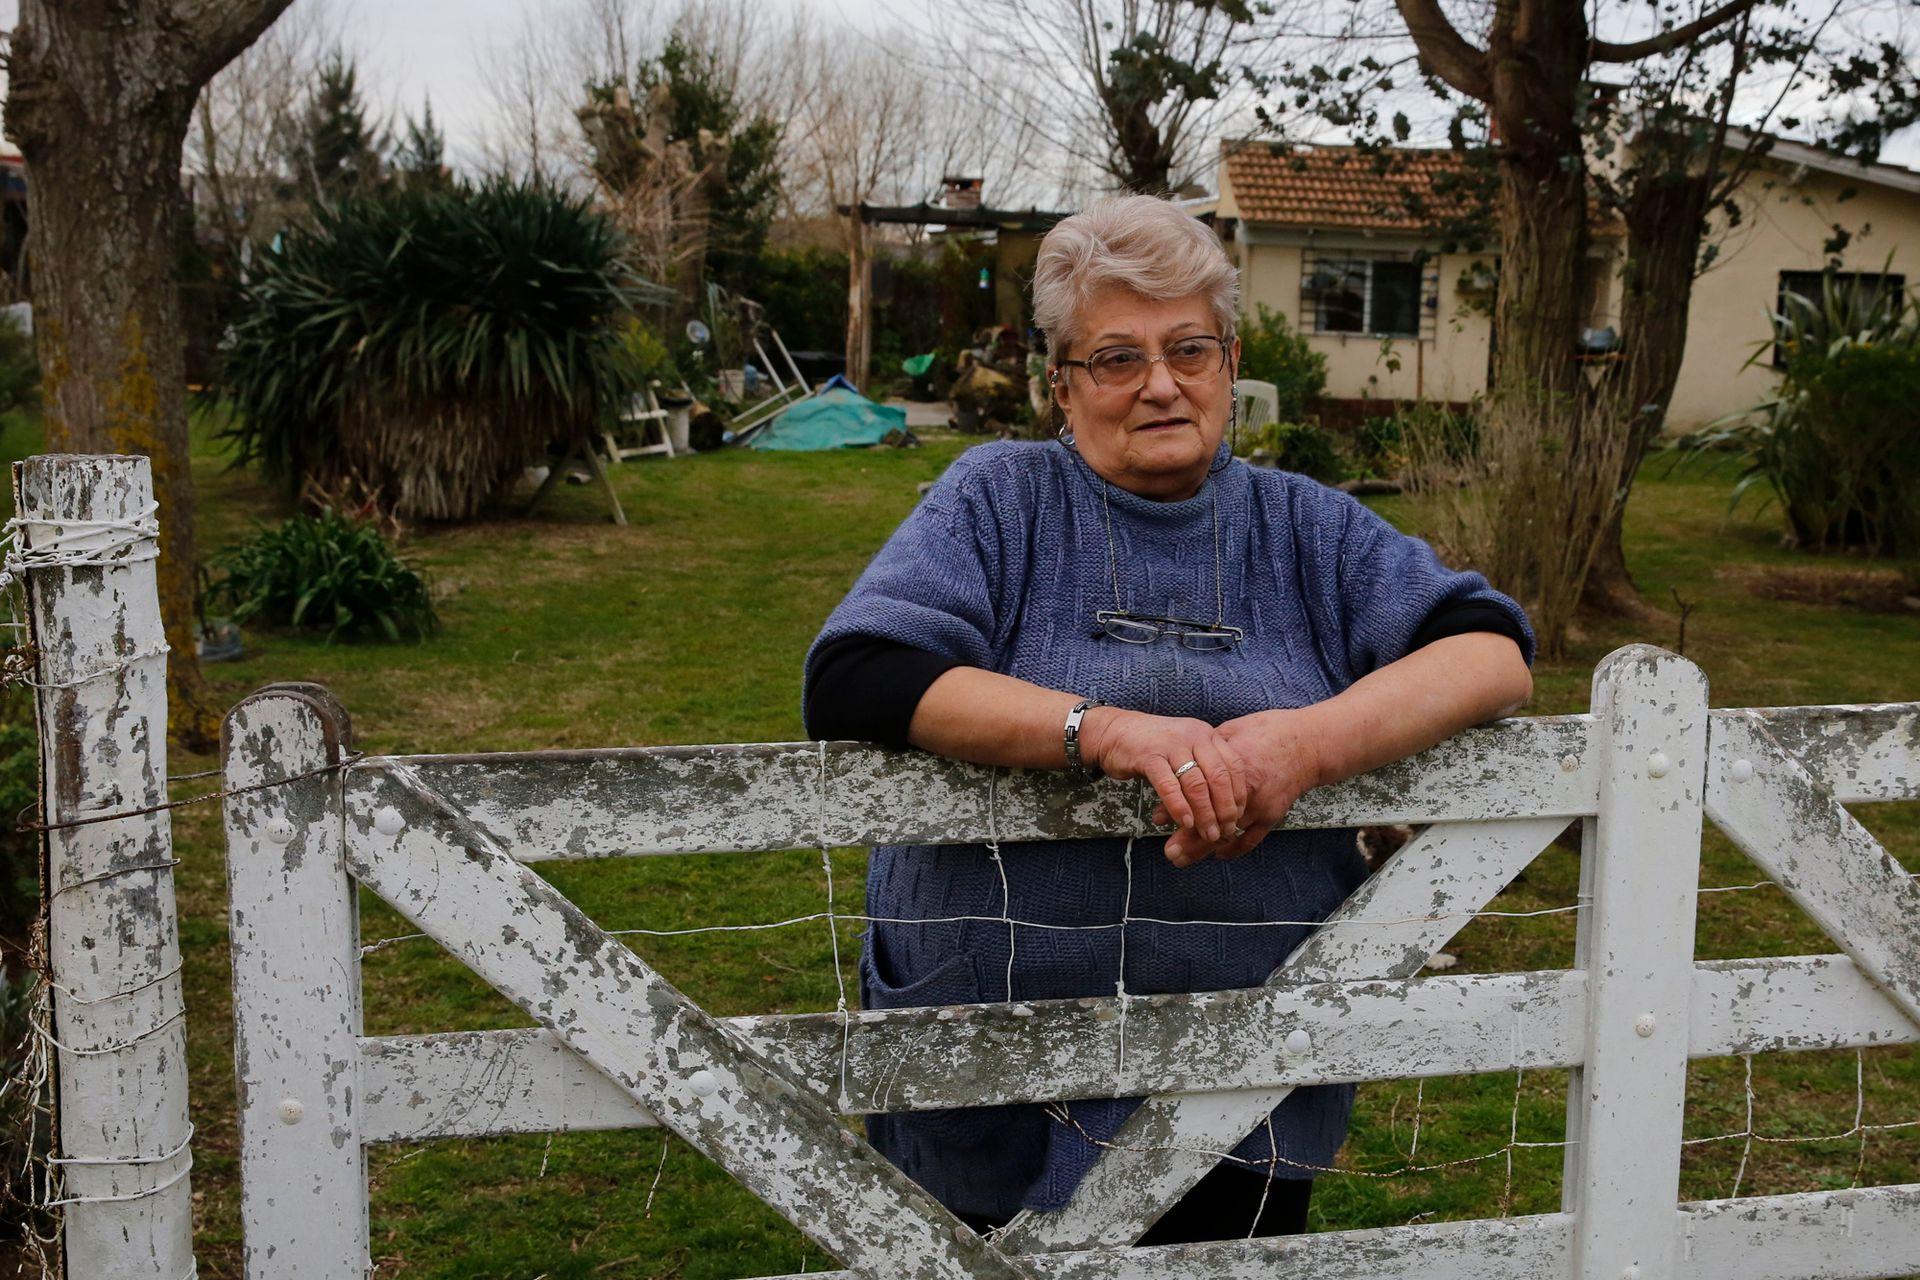 Stella Maris Ianuzzi, de 74 años, vecina del basural Pavon. El agua de pozo que usa para regar la huerta de donde saca los vegetales que luego consume, sale marrón y con olor a basura